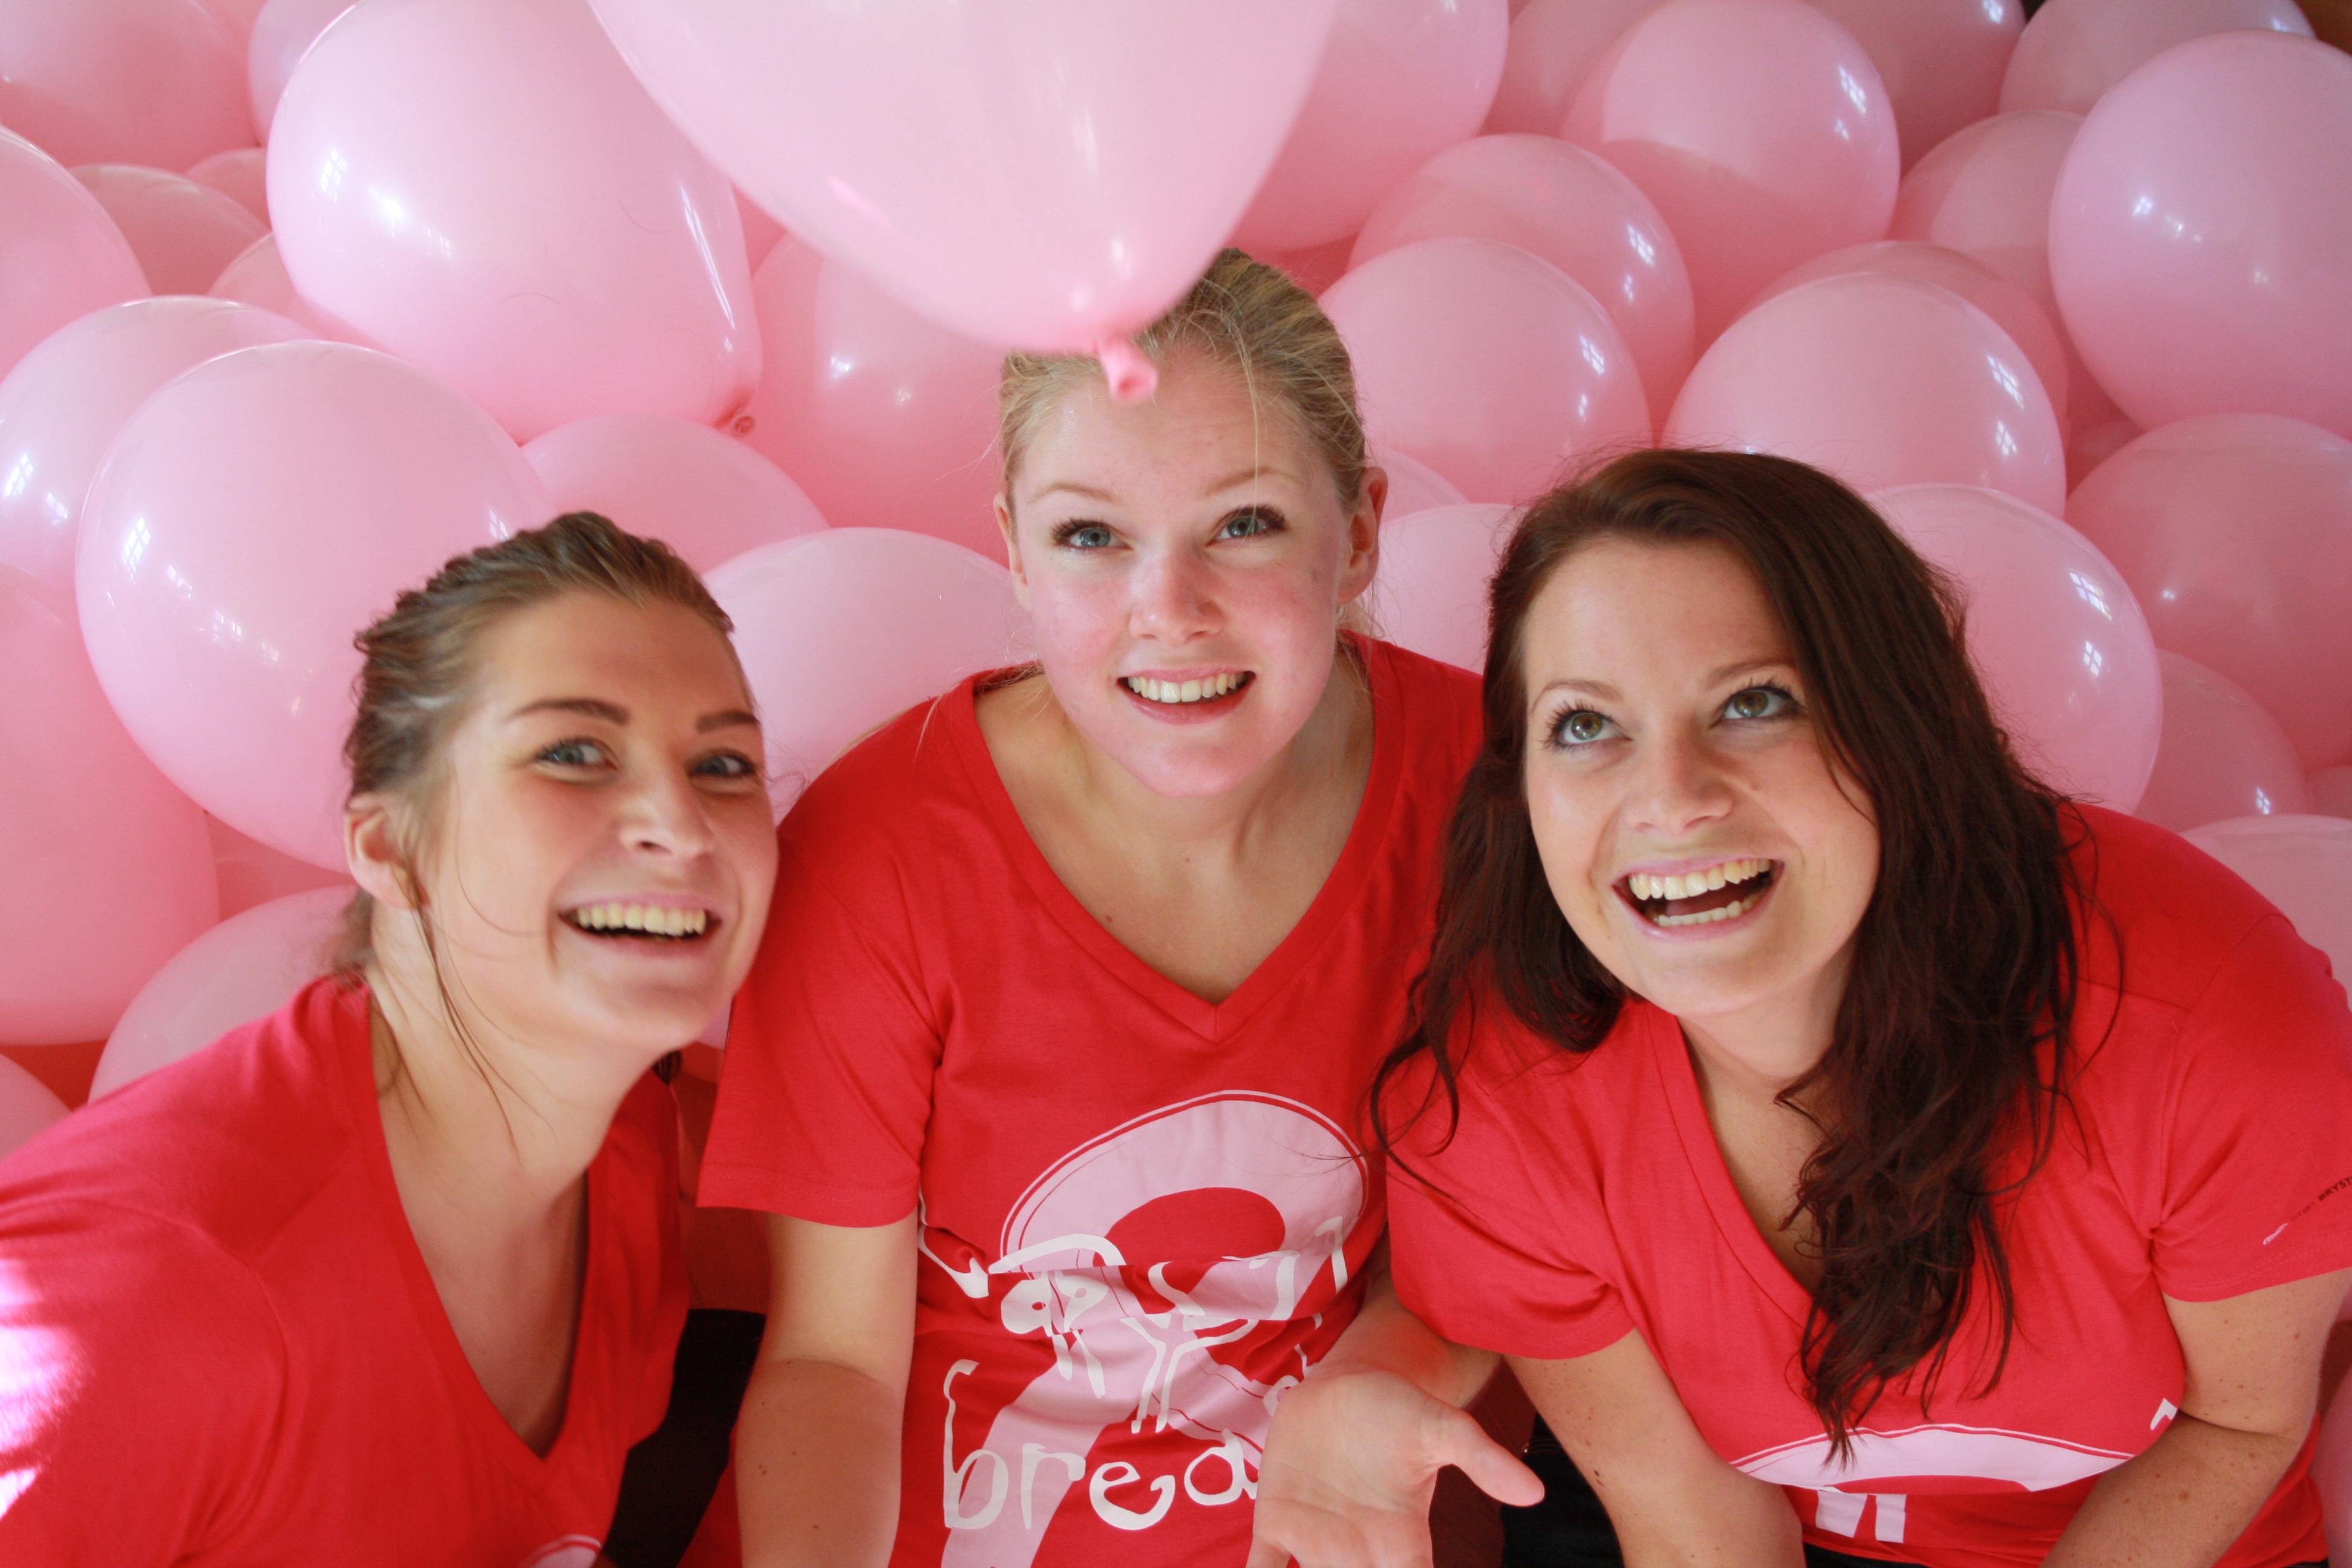 piger til salg silikone bryster efter amning